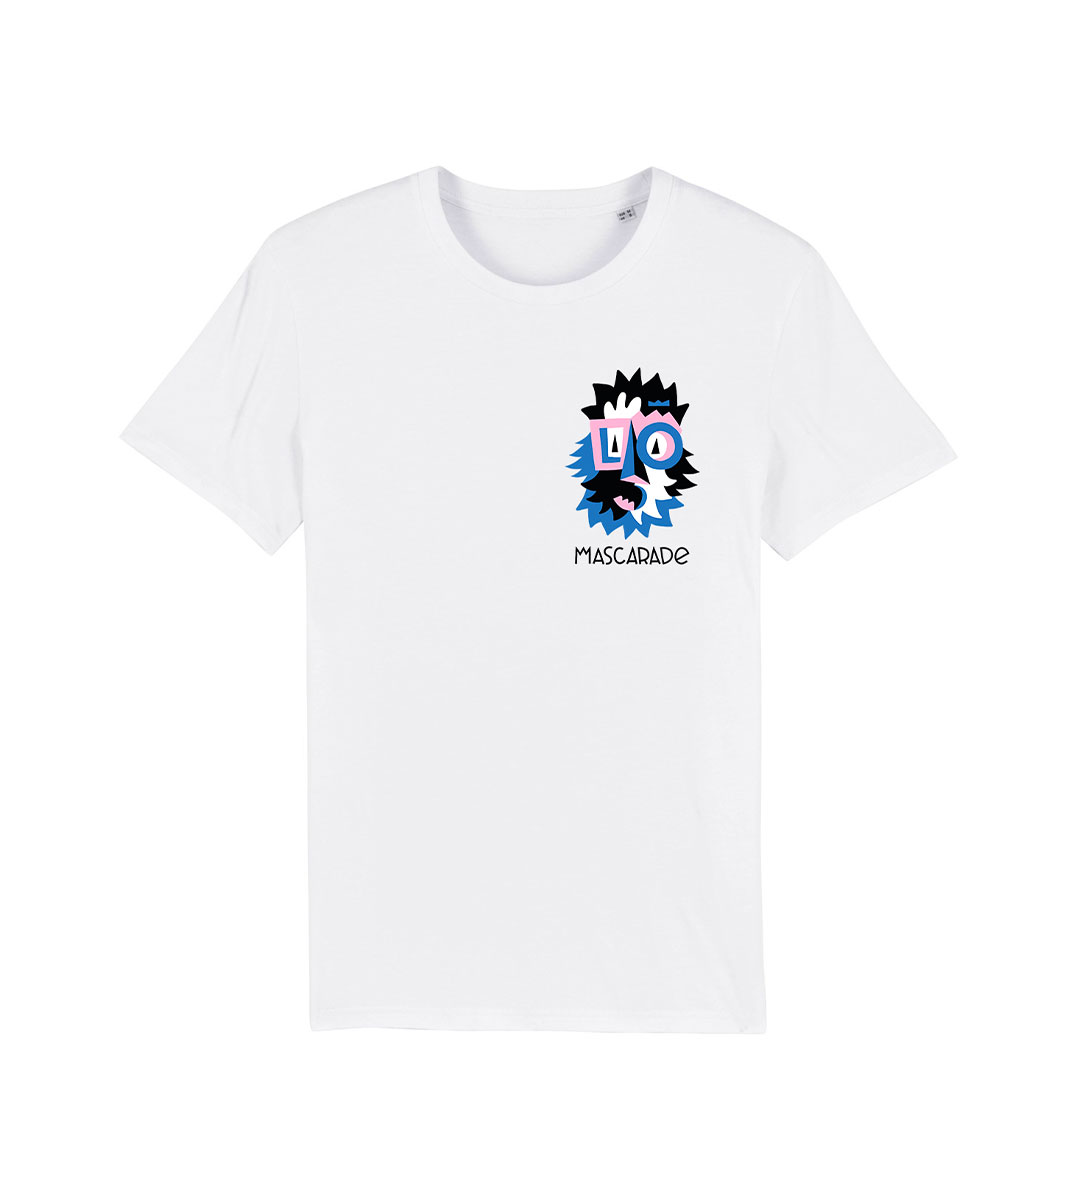 mockup tshirt bleu mascarade